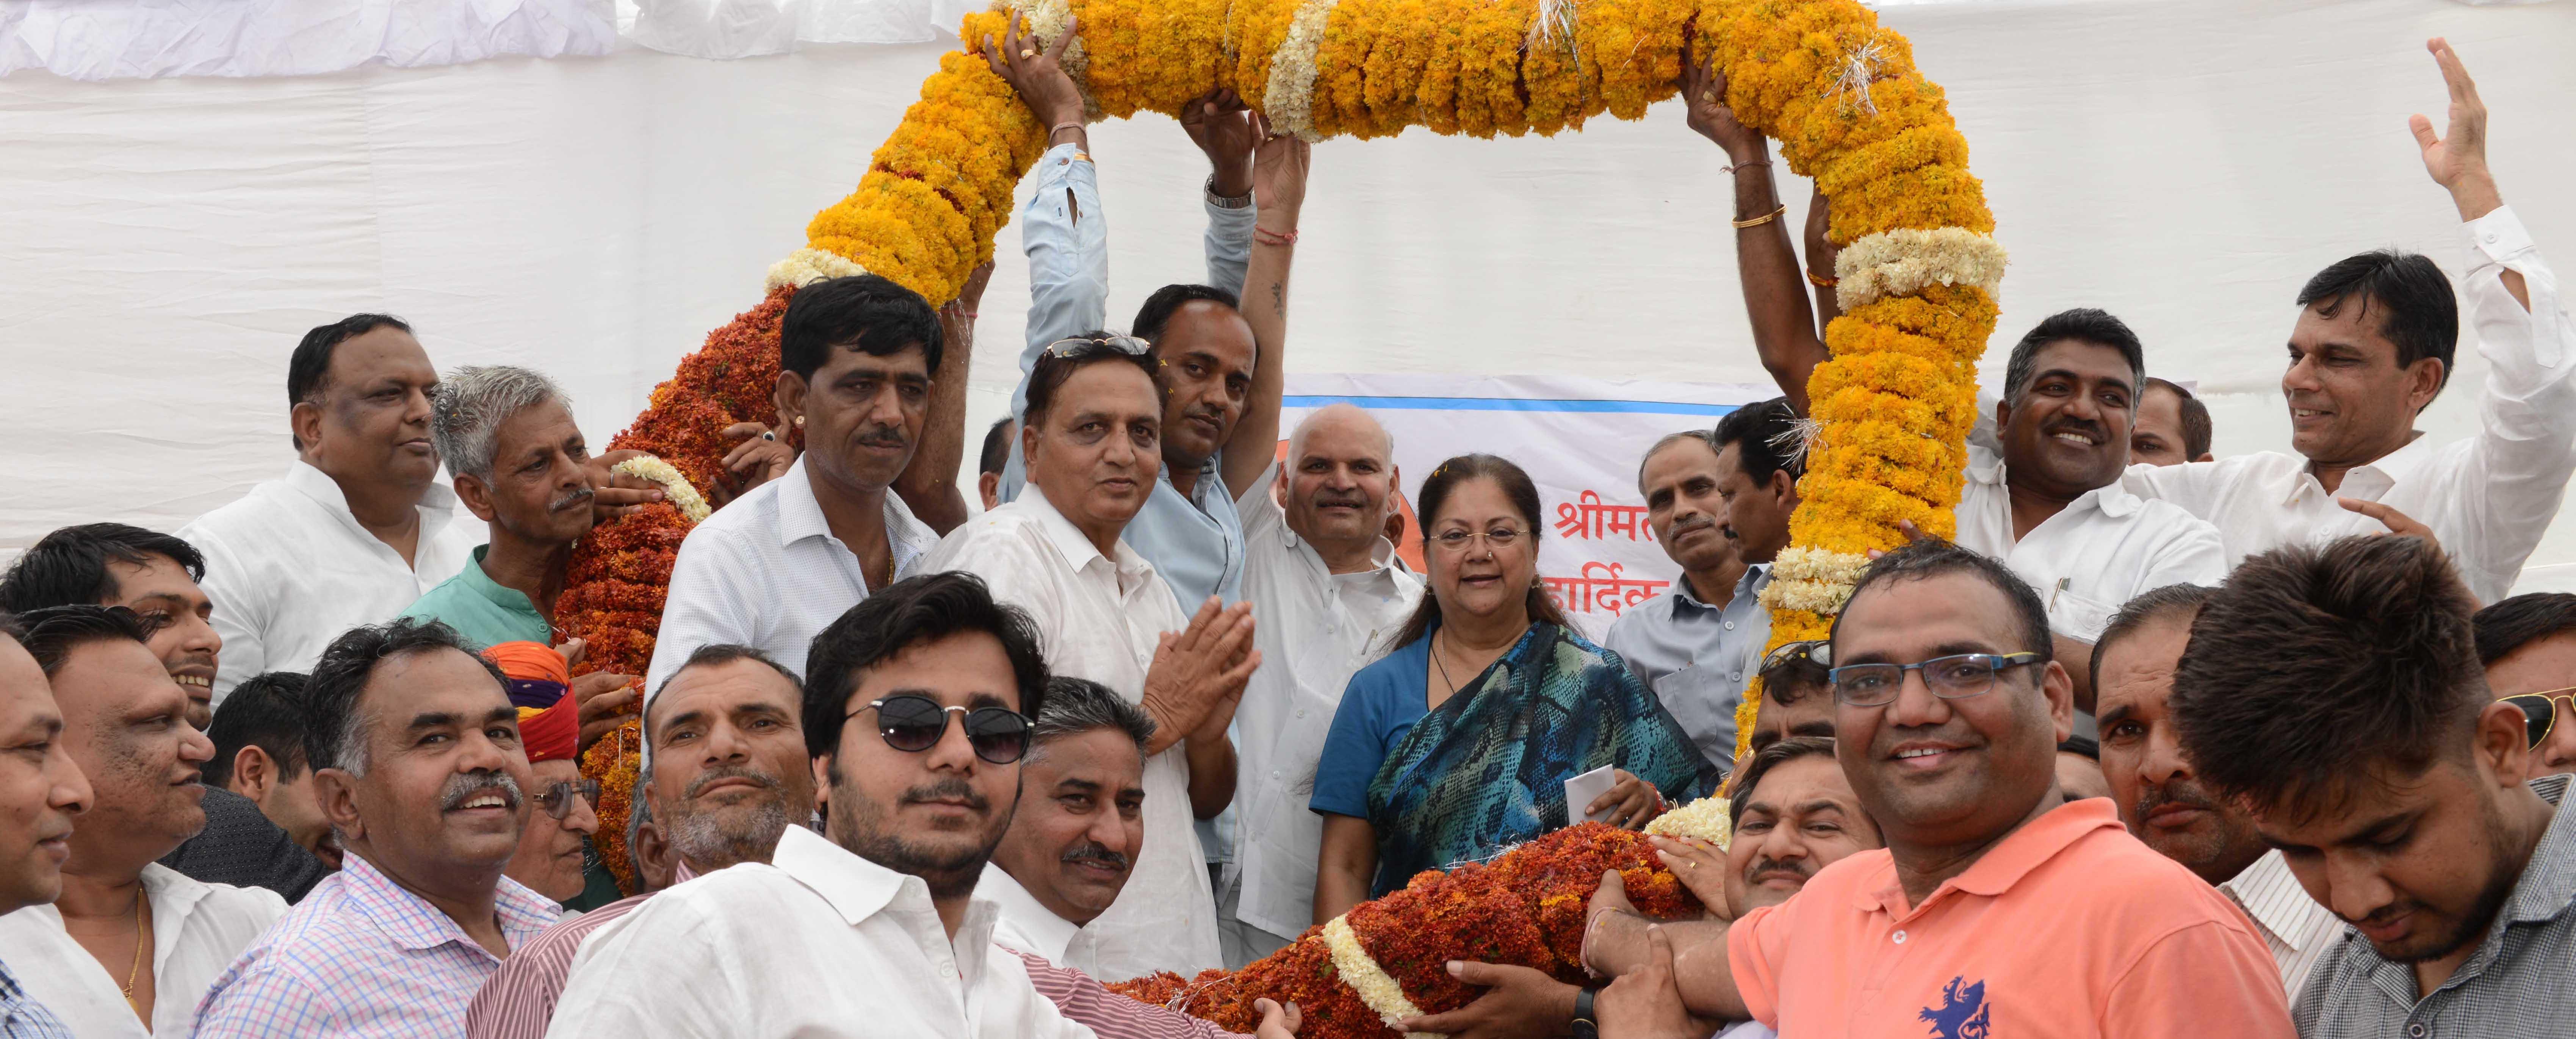 Saplings, Appeal, CM, Lime Industry, Vasundhara Raje, Rajasthan